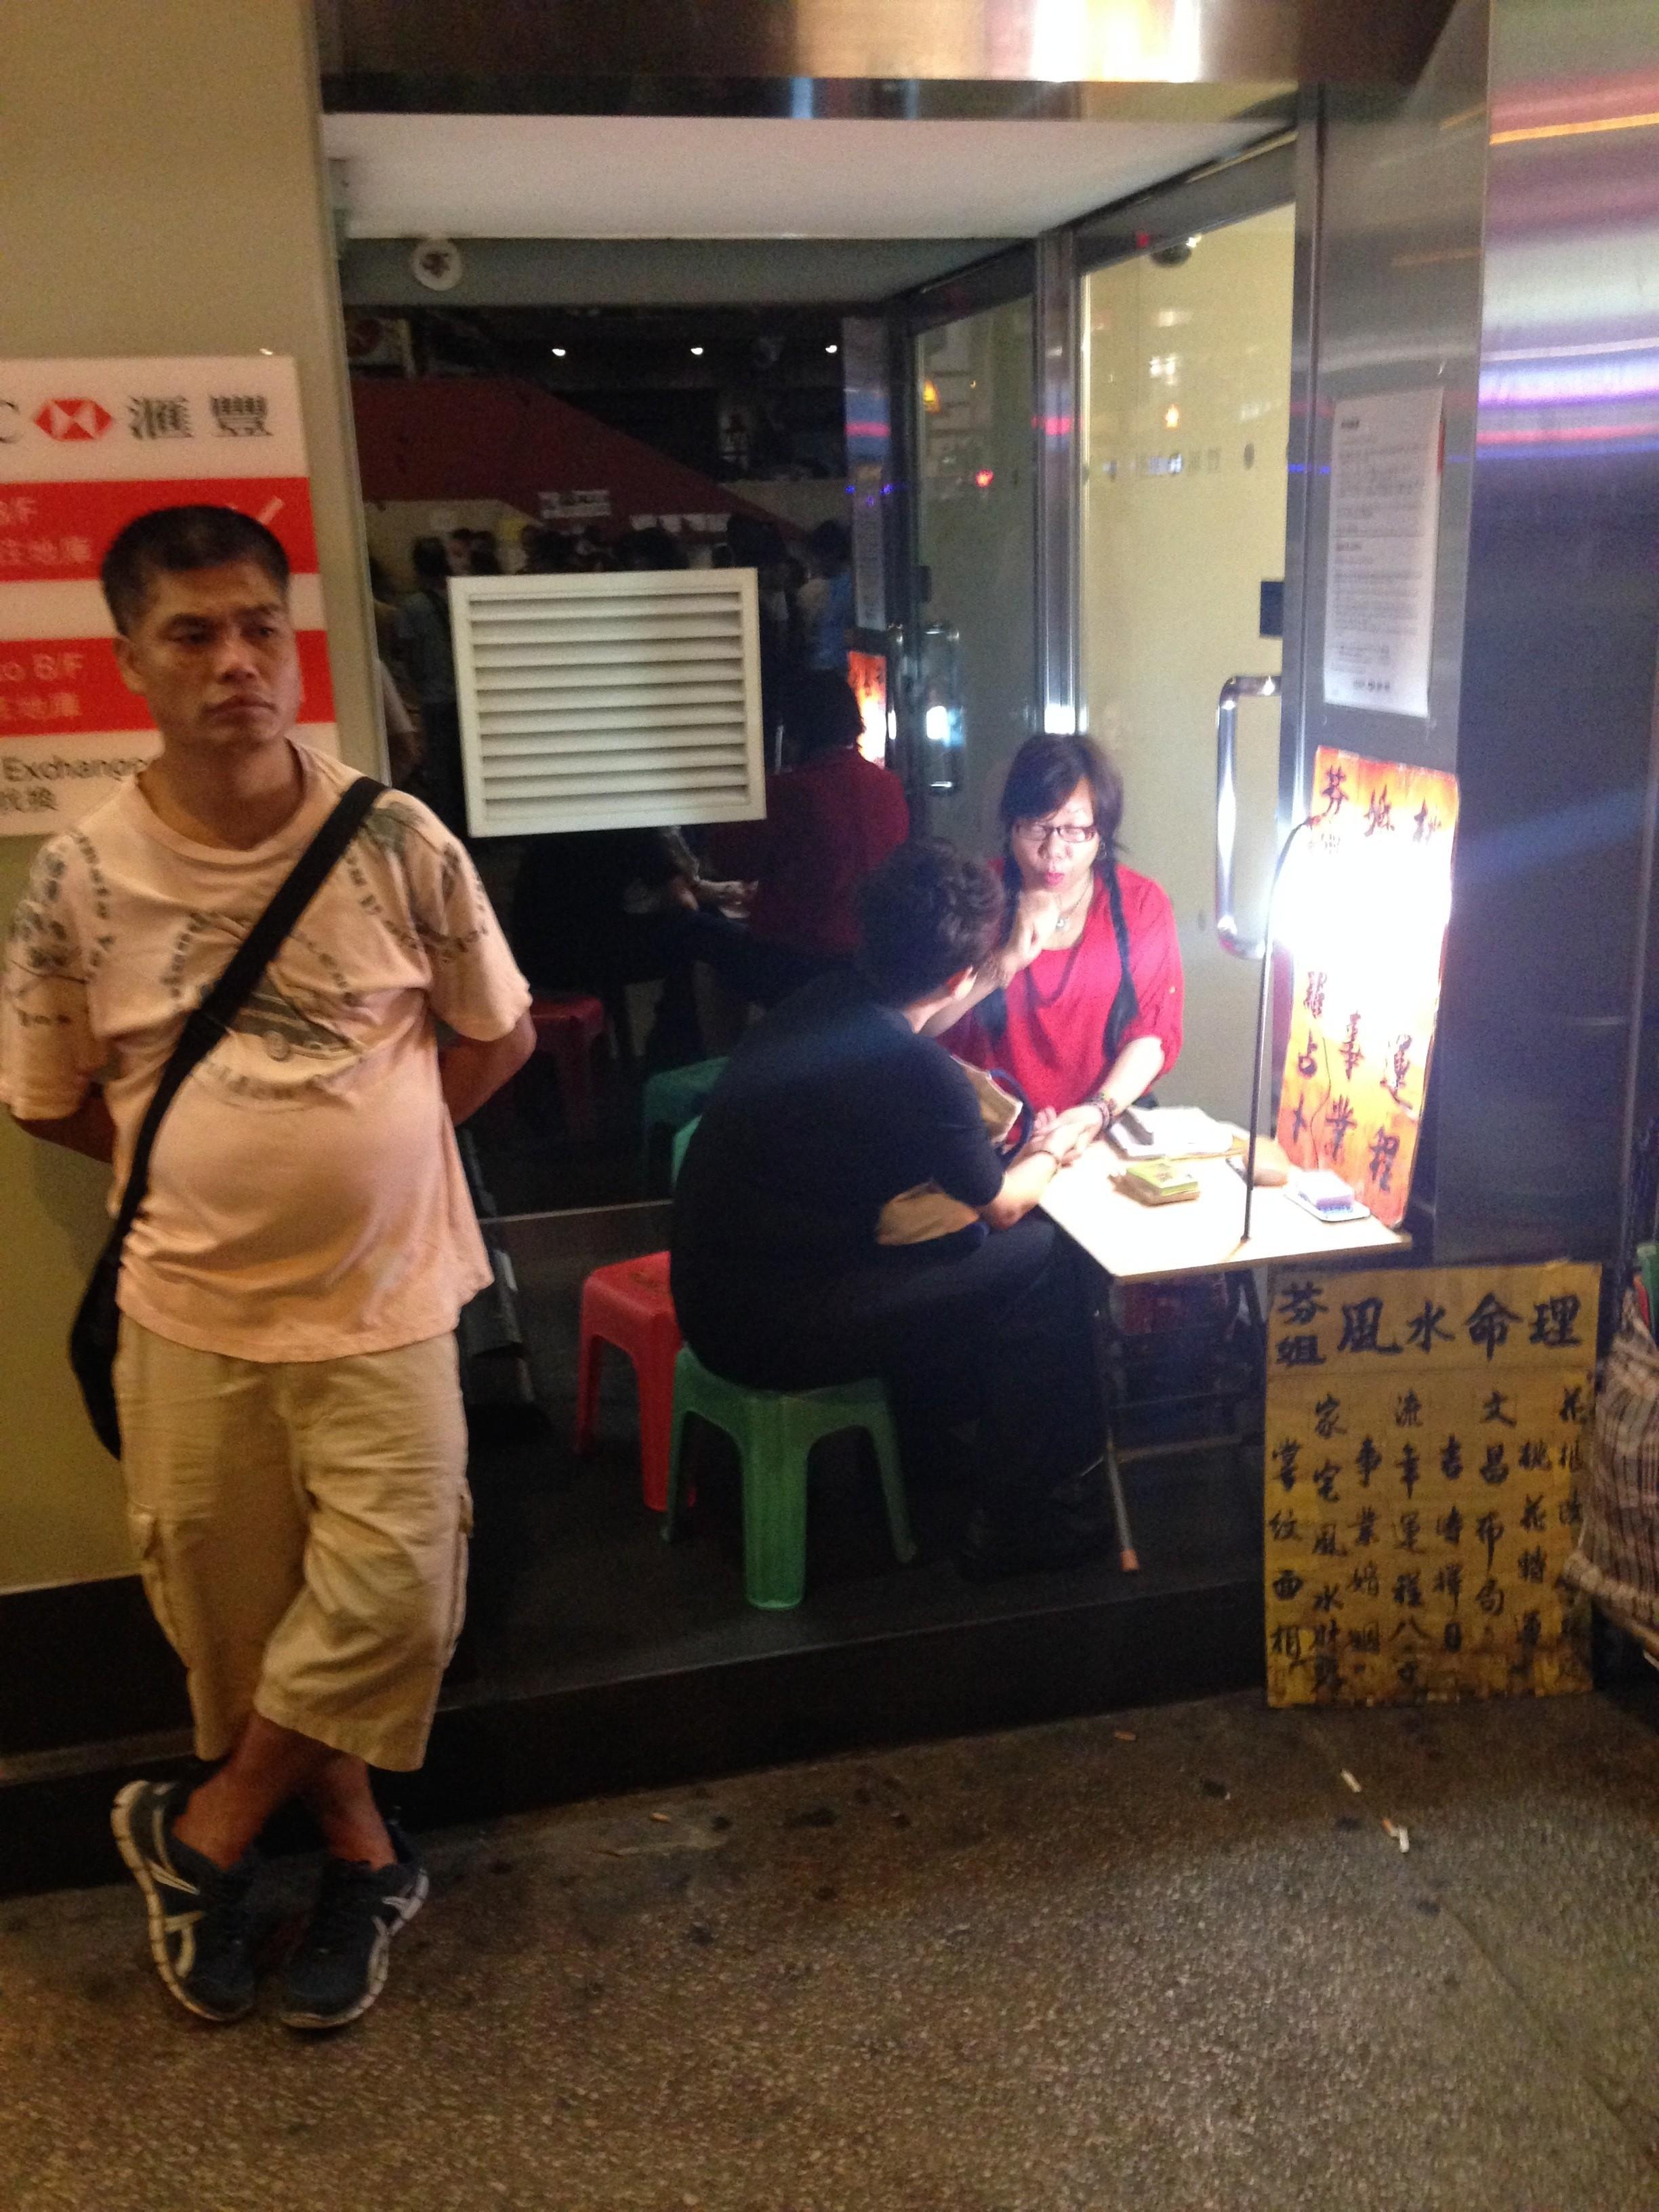 mong kok barricades october 24